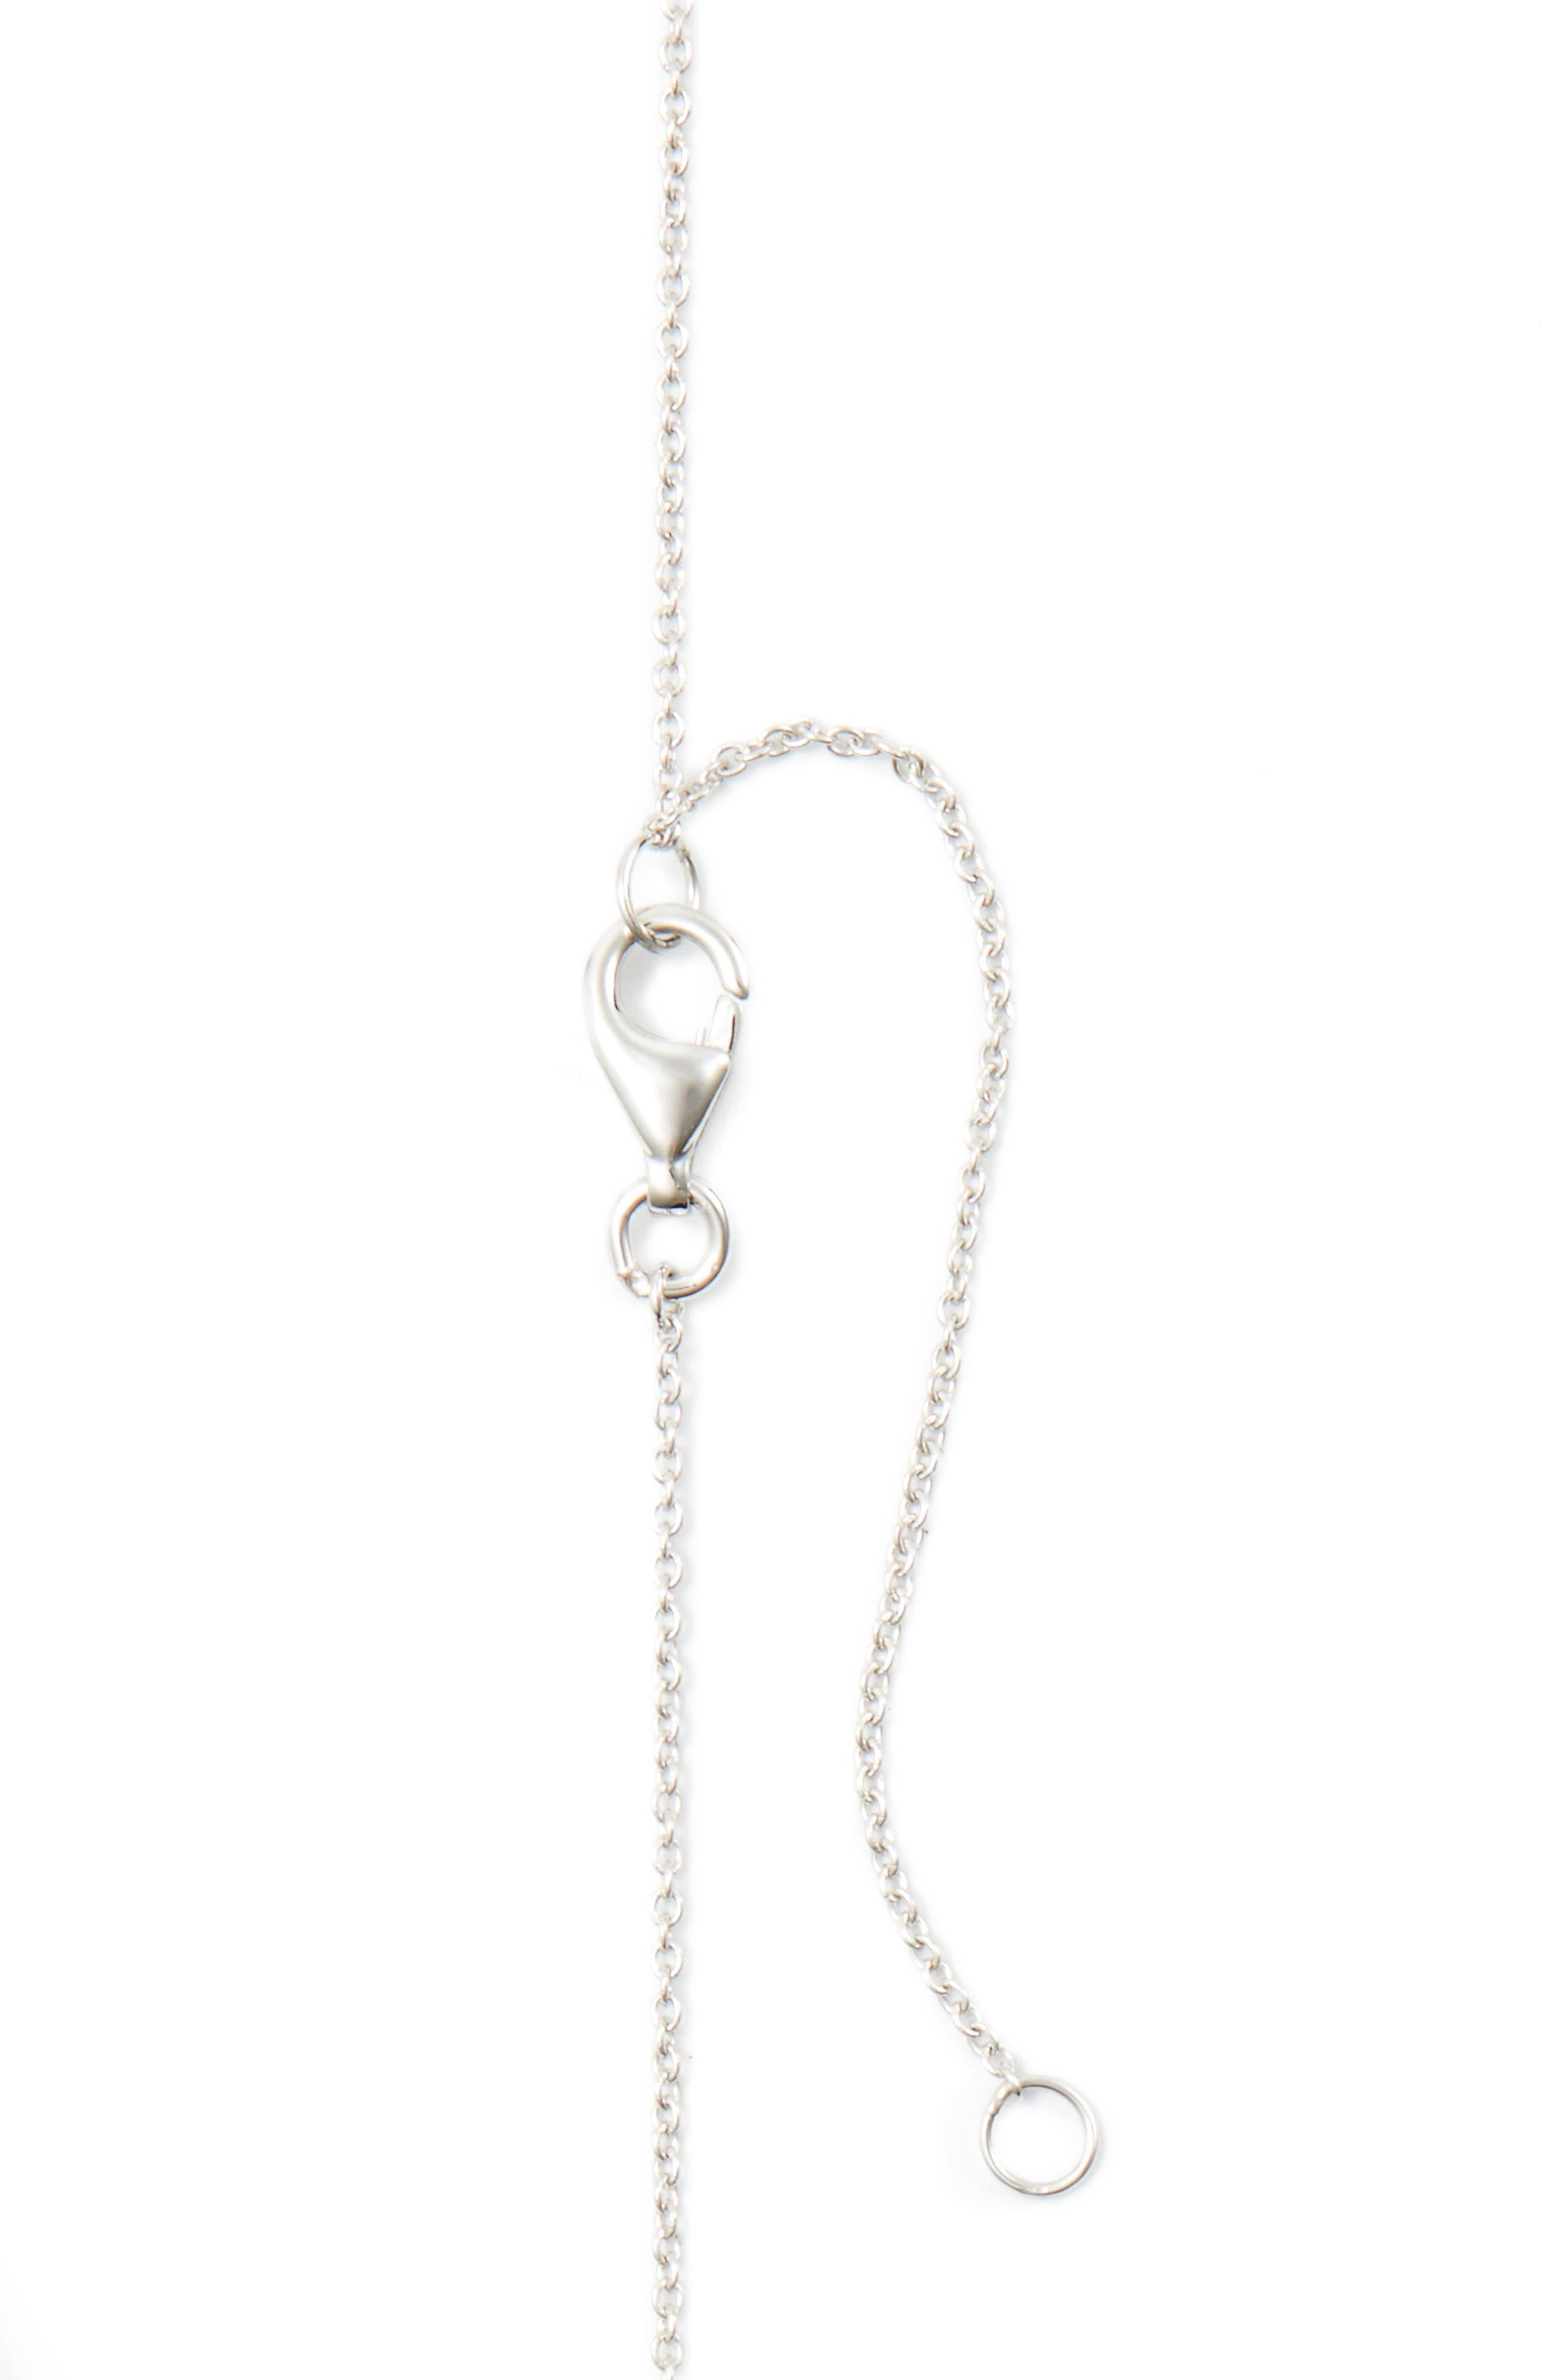 Mika Mini Rectangle Pavé Diamond Pendant Necklace,                             Alternate thumbnail 3, color,                             WHITE GOLD